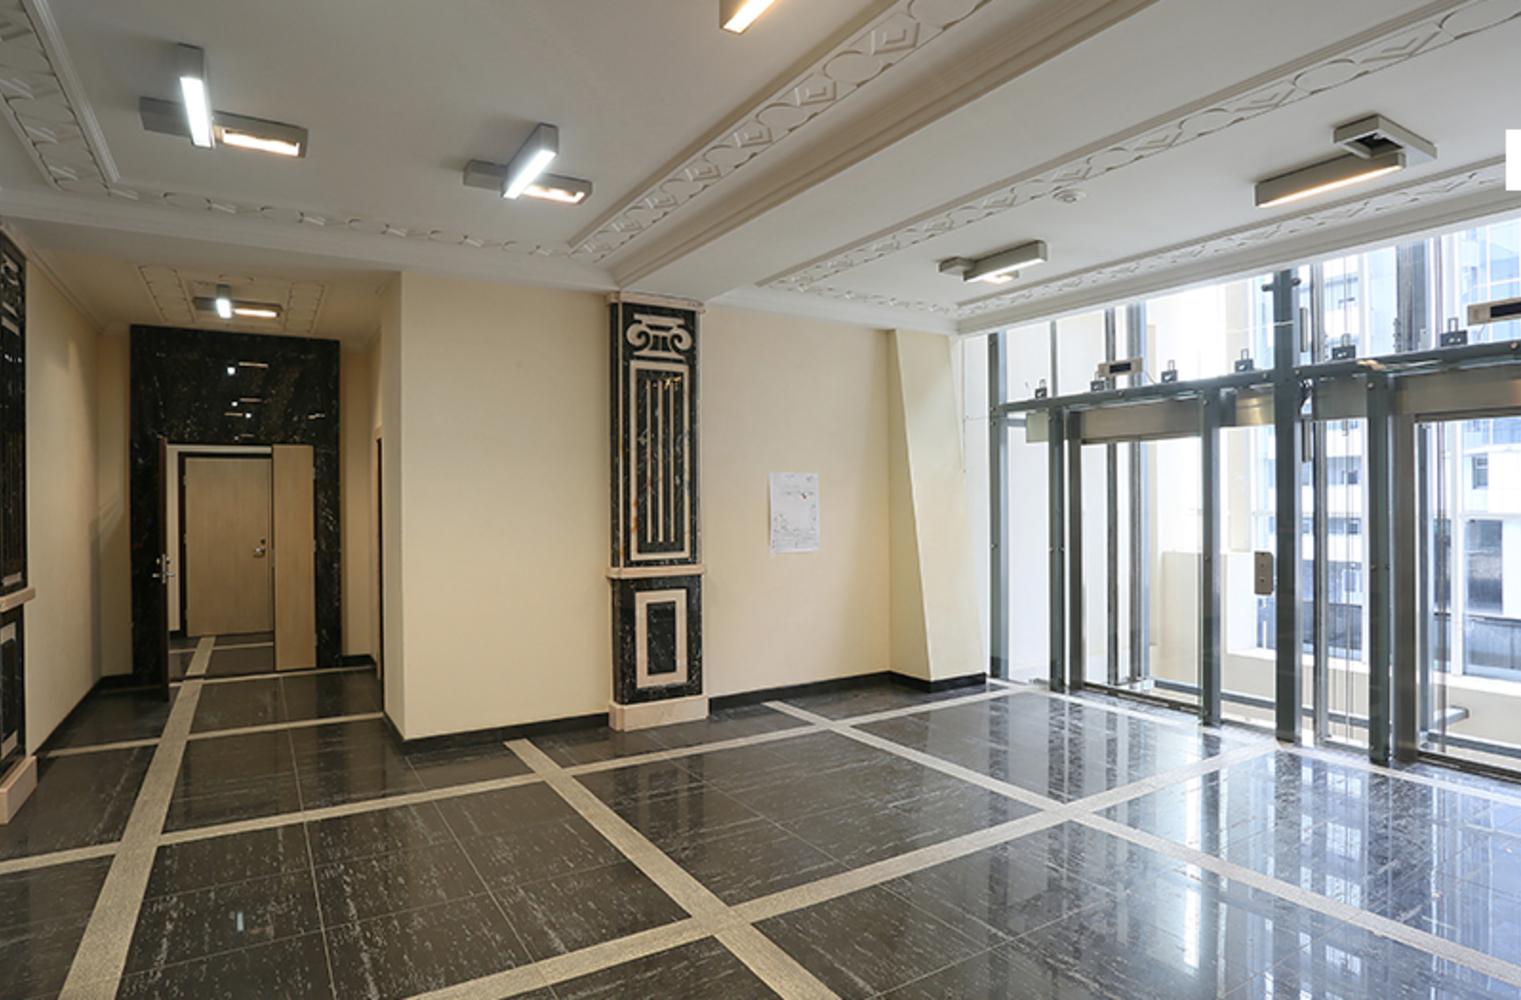 Офисная недвижимость Санкт-петербург,  - Сенатор  (17-я линия В.О., 22, Литера В) - 44